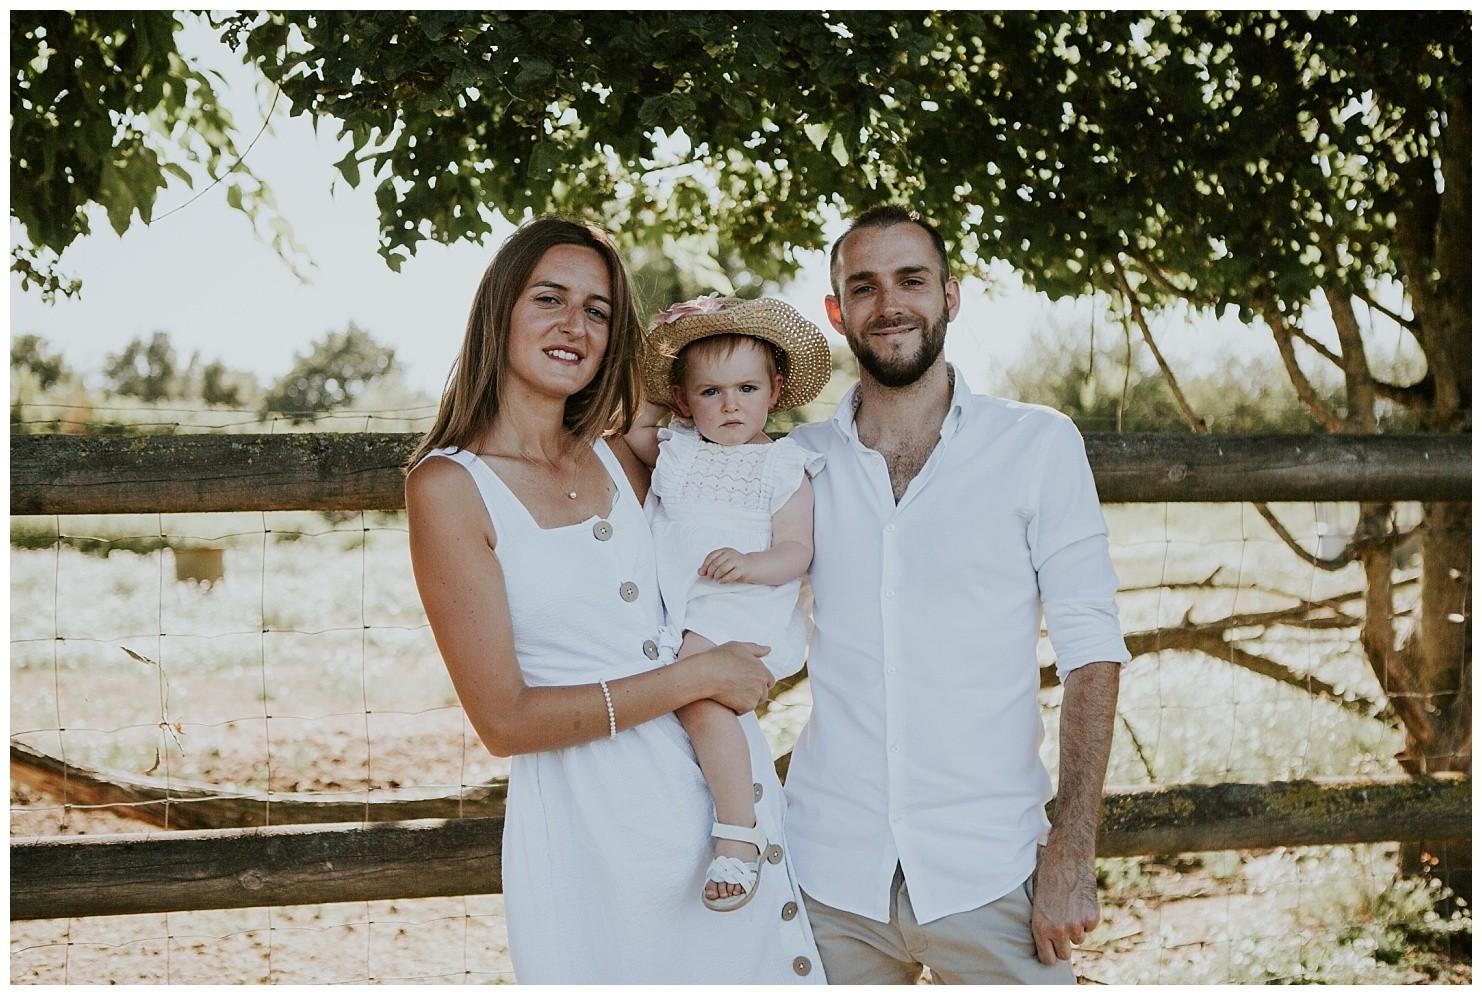 Kateryna-photos-photogrape-famille-le-mans_0252.jpg